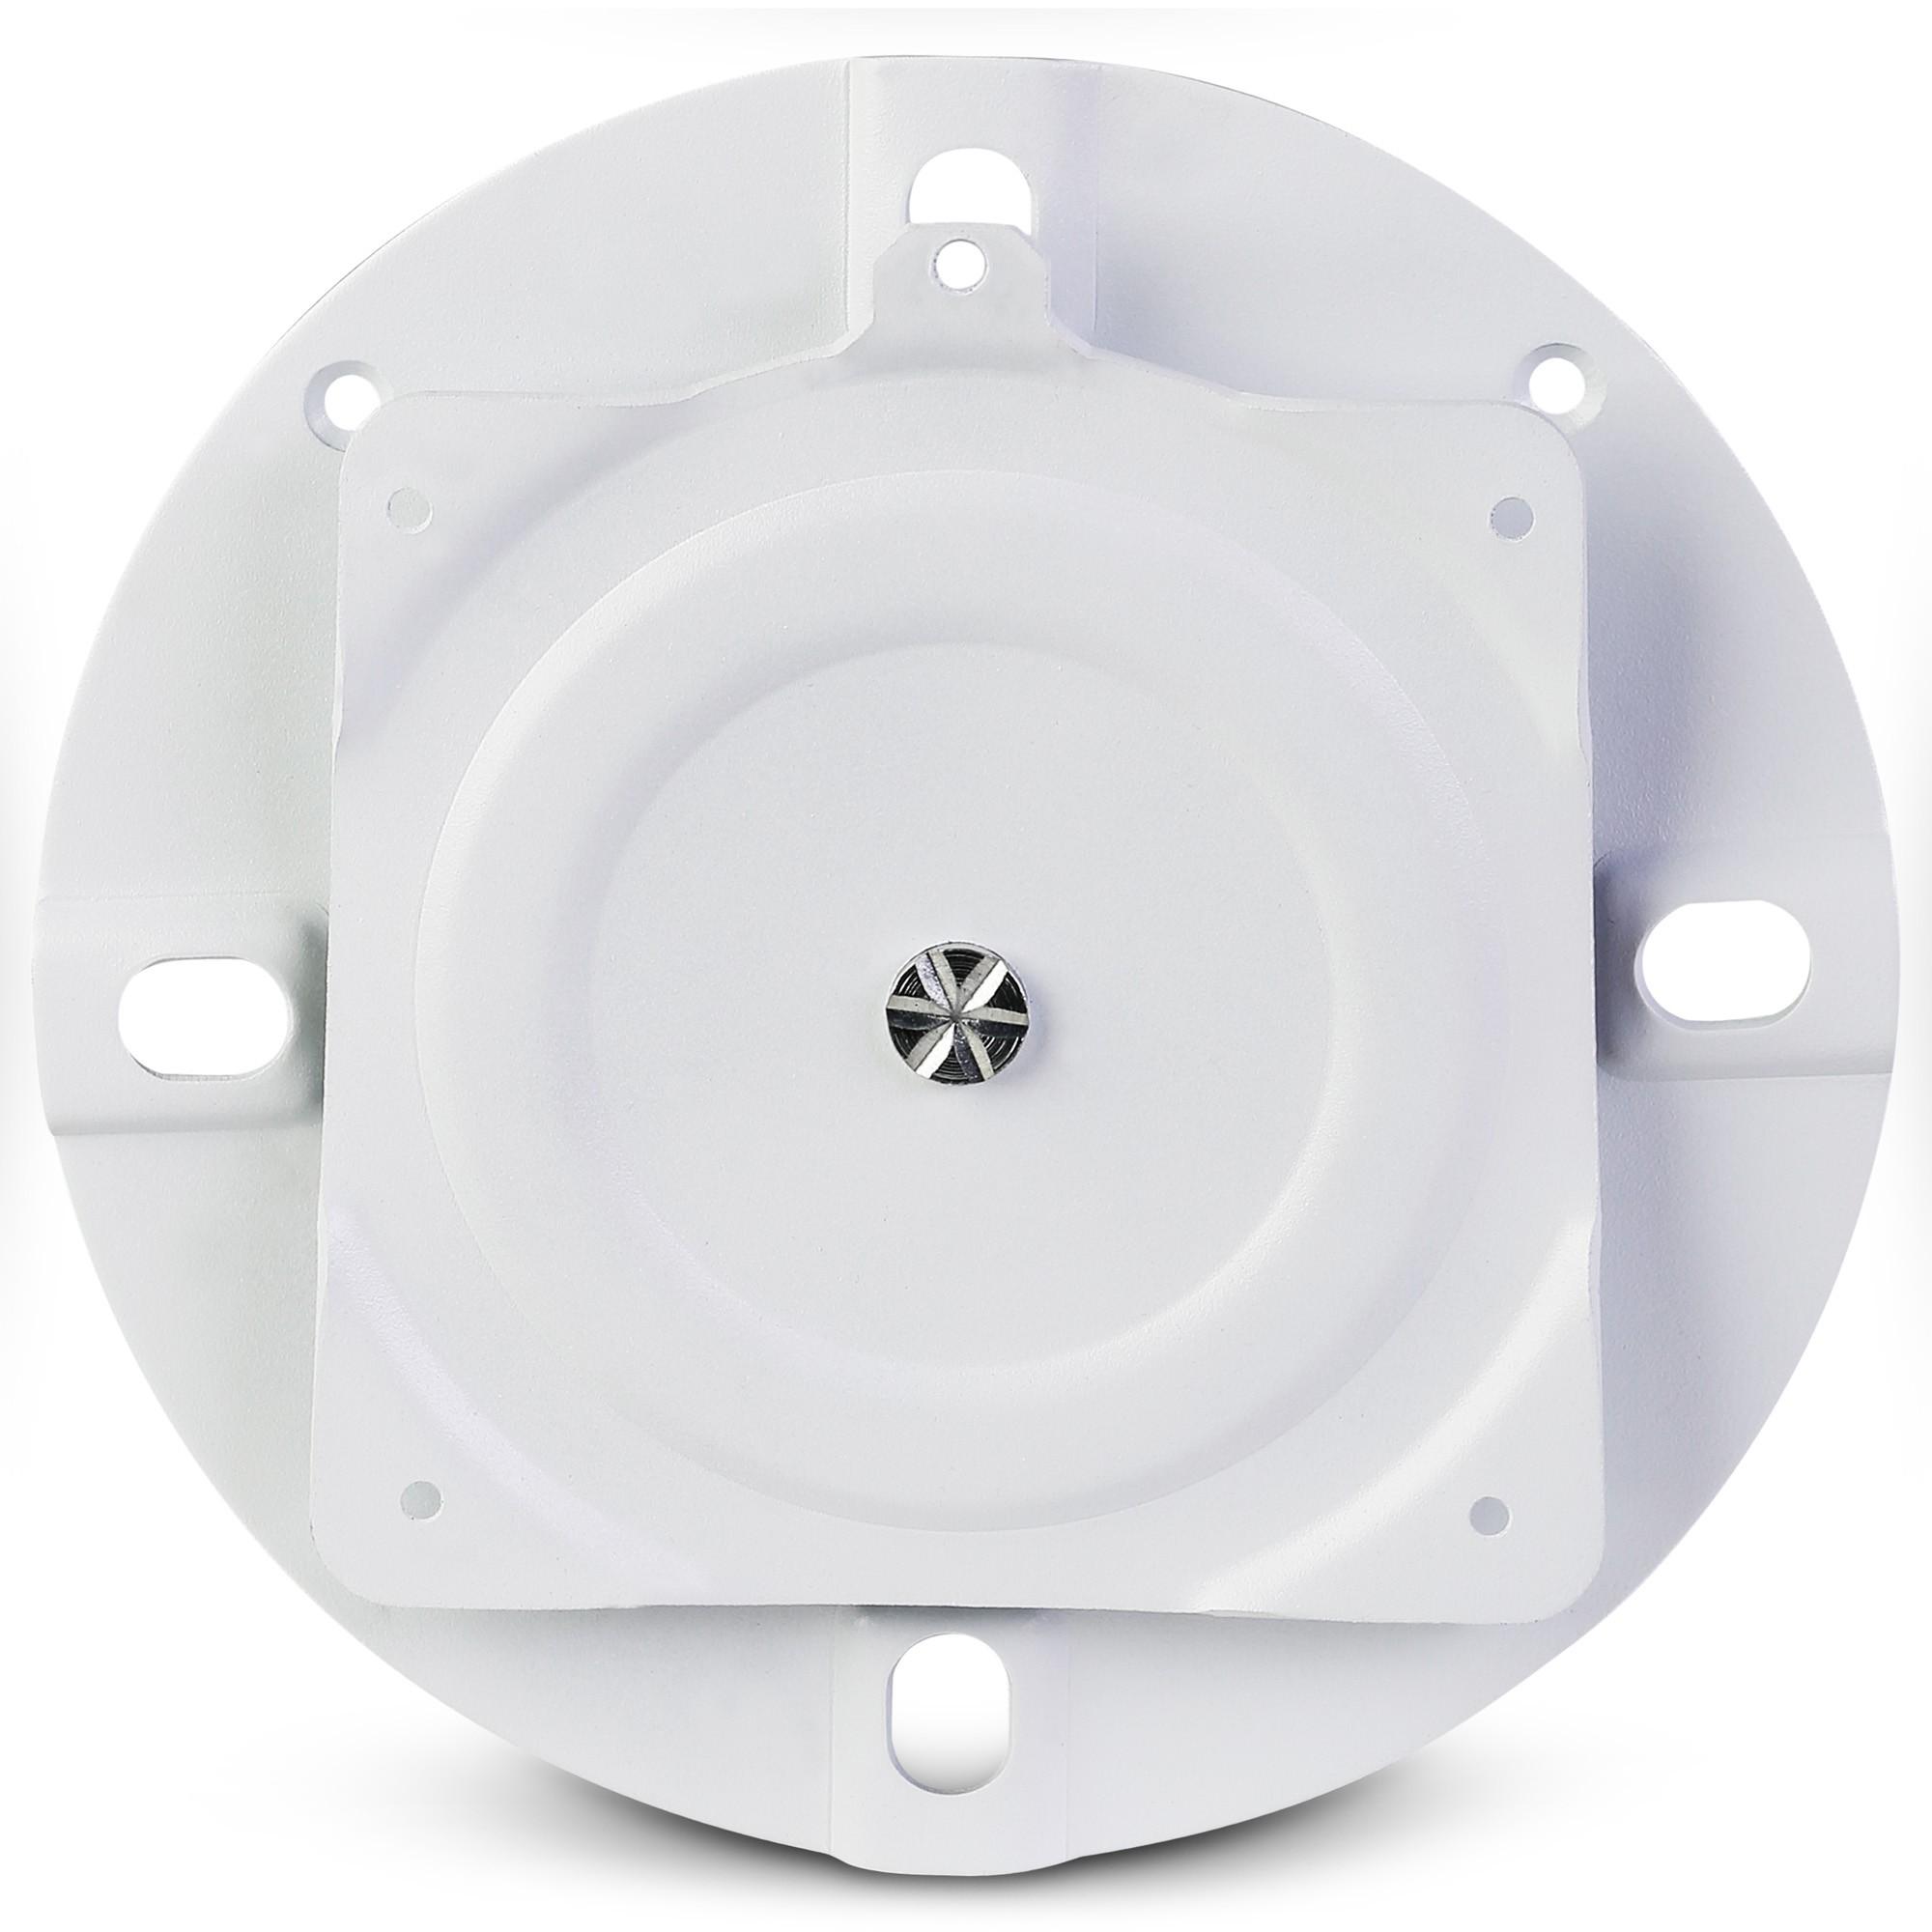 CURV 500 CMB W Deckenmontagehalterung für CURV 500® Satelliten, weiß